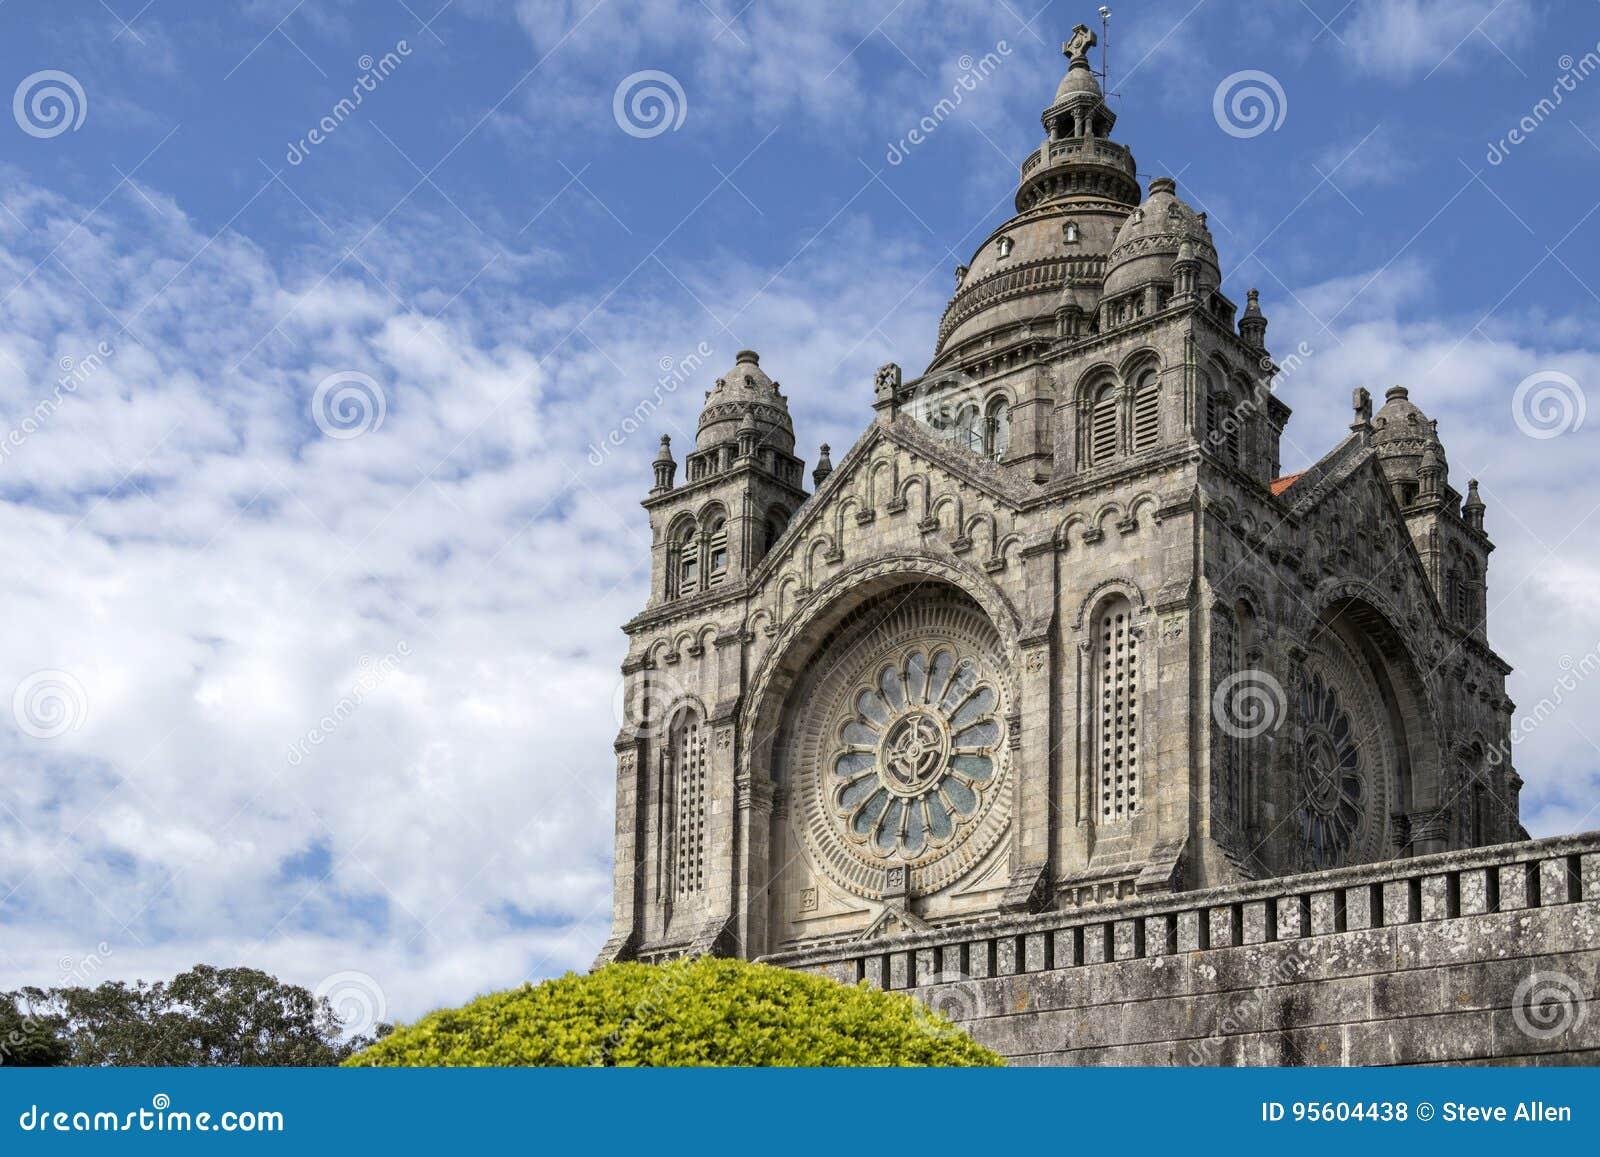 Saint Lucia Basilica - Viana do Castelo - Portugal